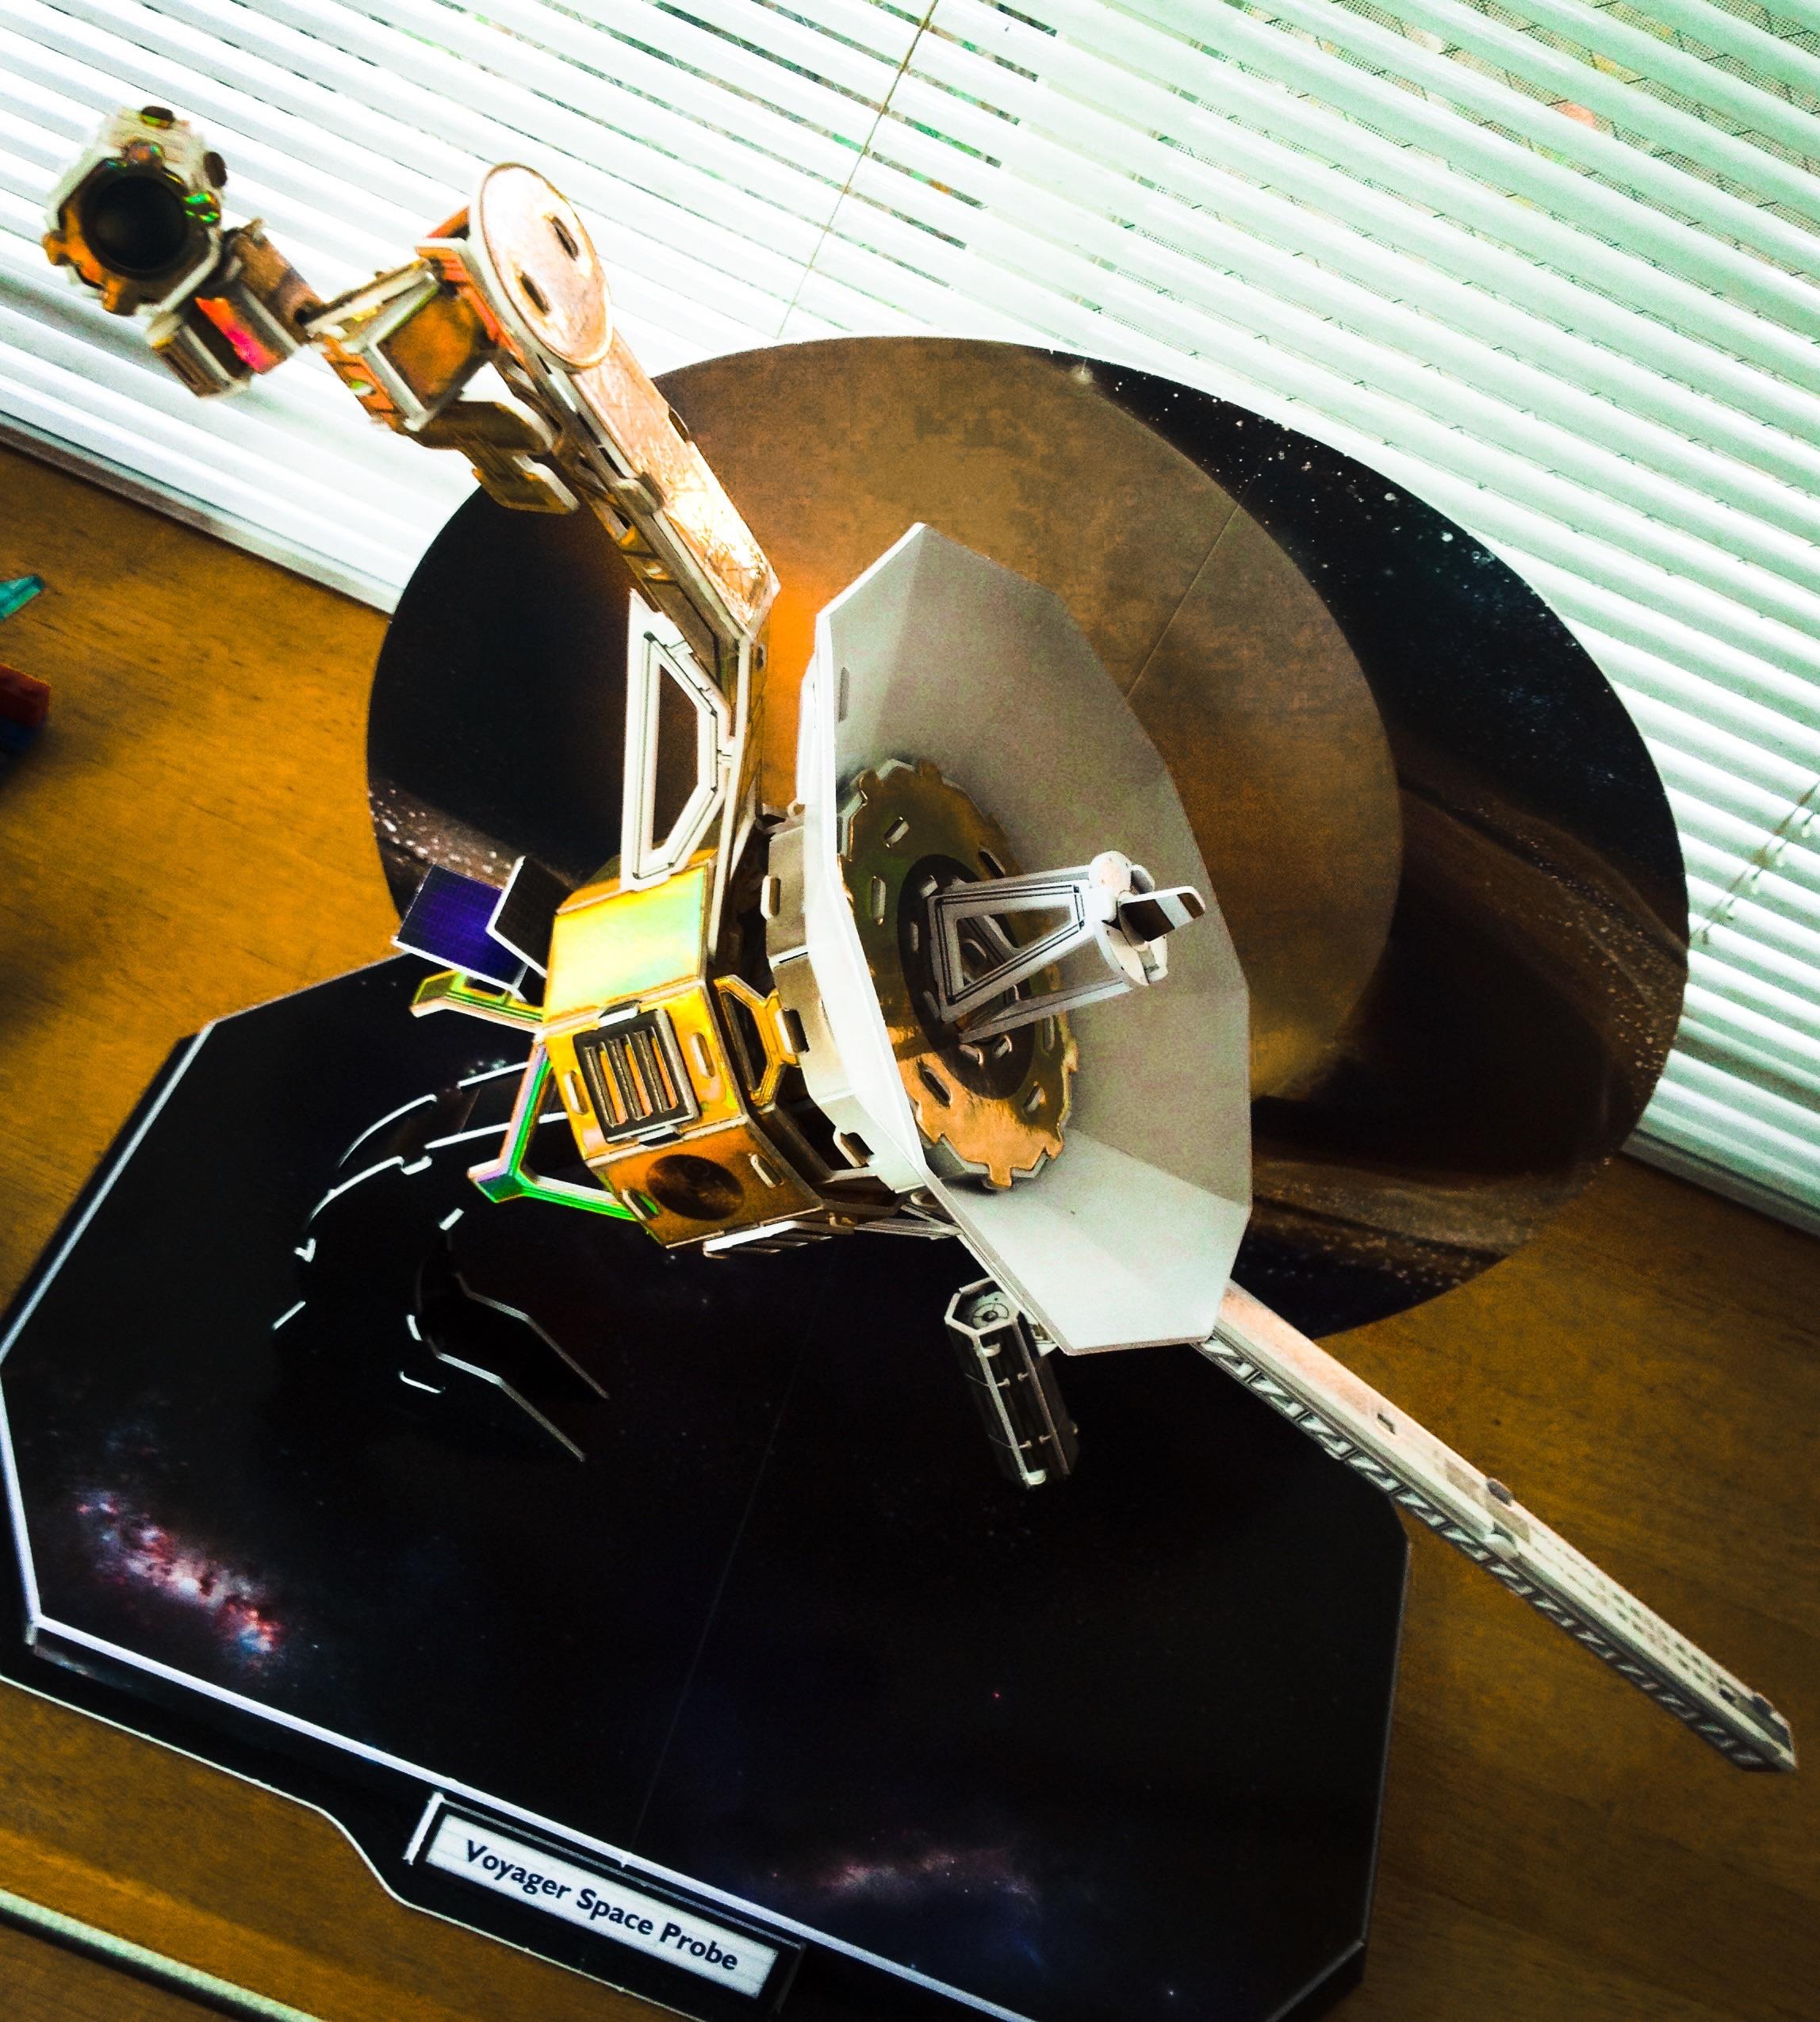 惑星探査機ボイジャー完成 / クラフトビール醸造所の完成はまだまだこれから